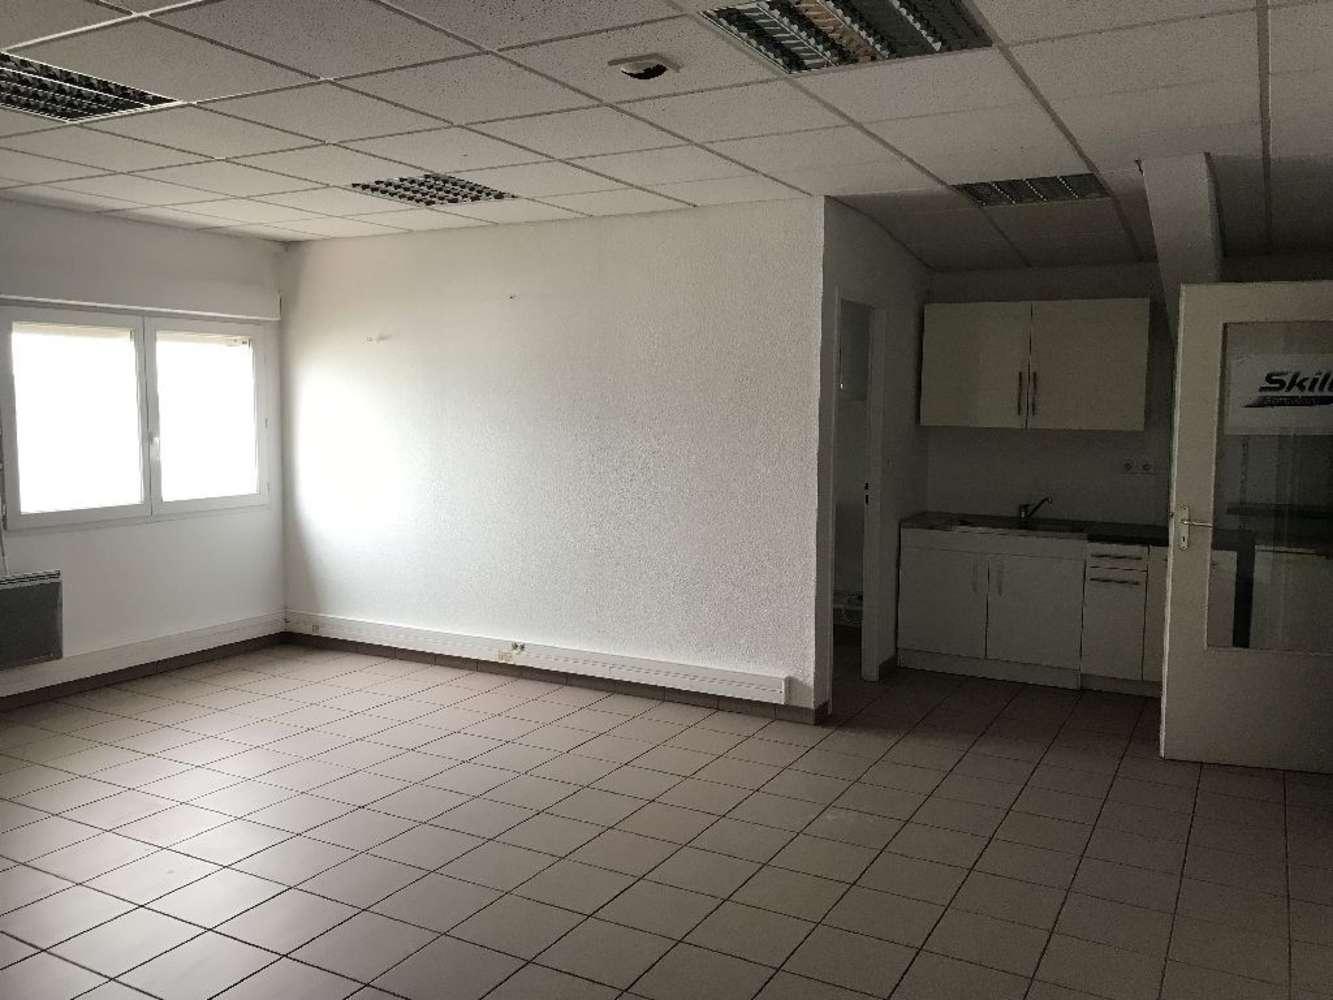 Activités/entrepôt St pierre de chandieu, 69780 - Location locaux d'activité - Rhône (69) - 9530157